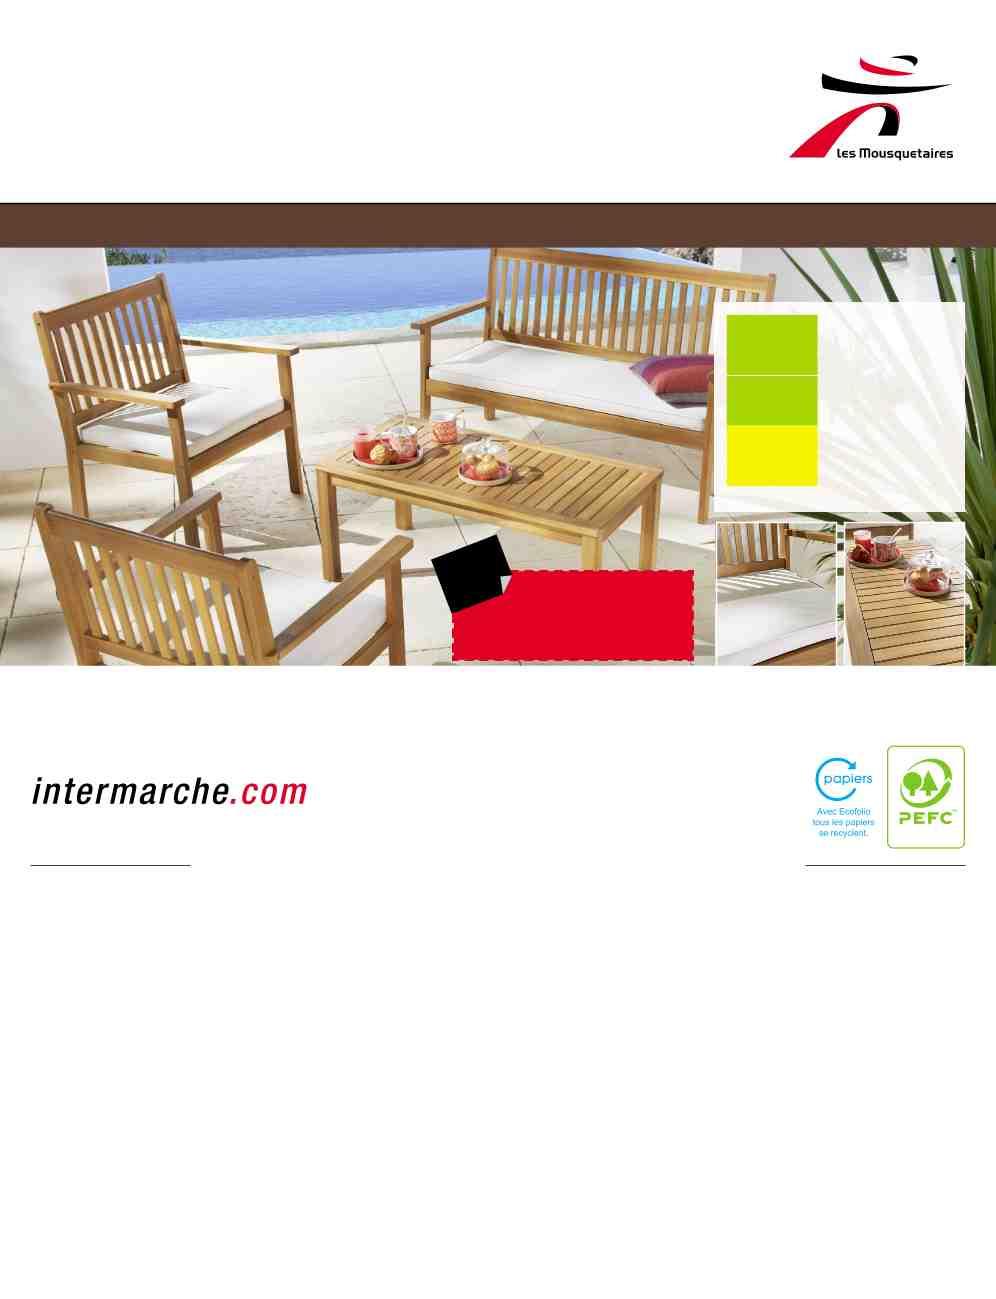 Salon De Jardin Intermarche Avril 2014 destiné Salon Jardin Intermarche